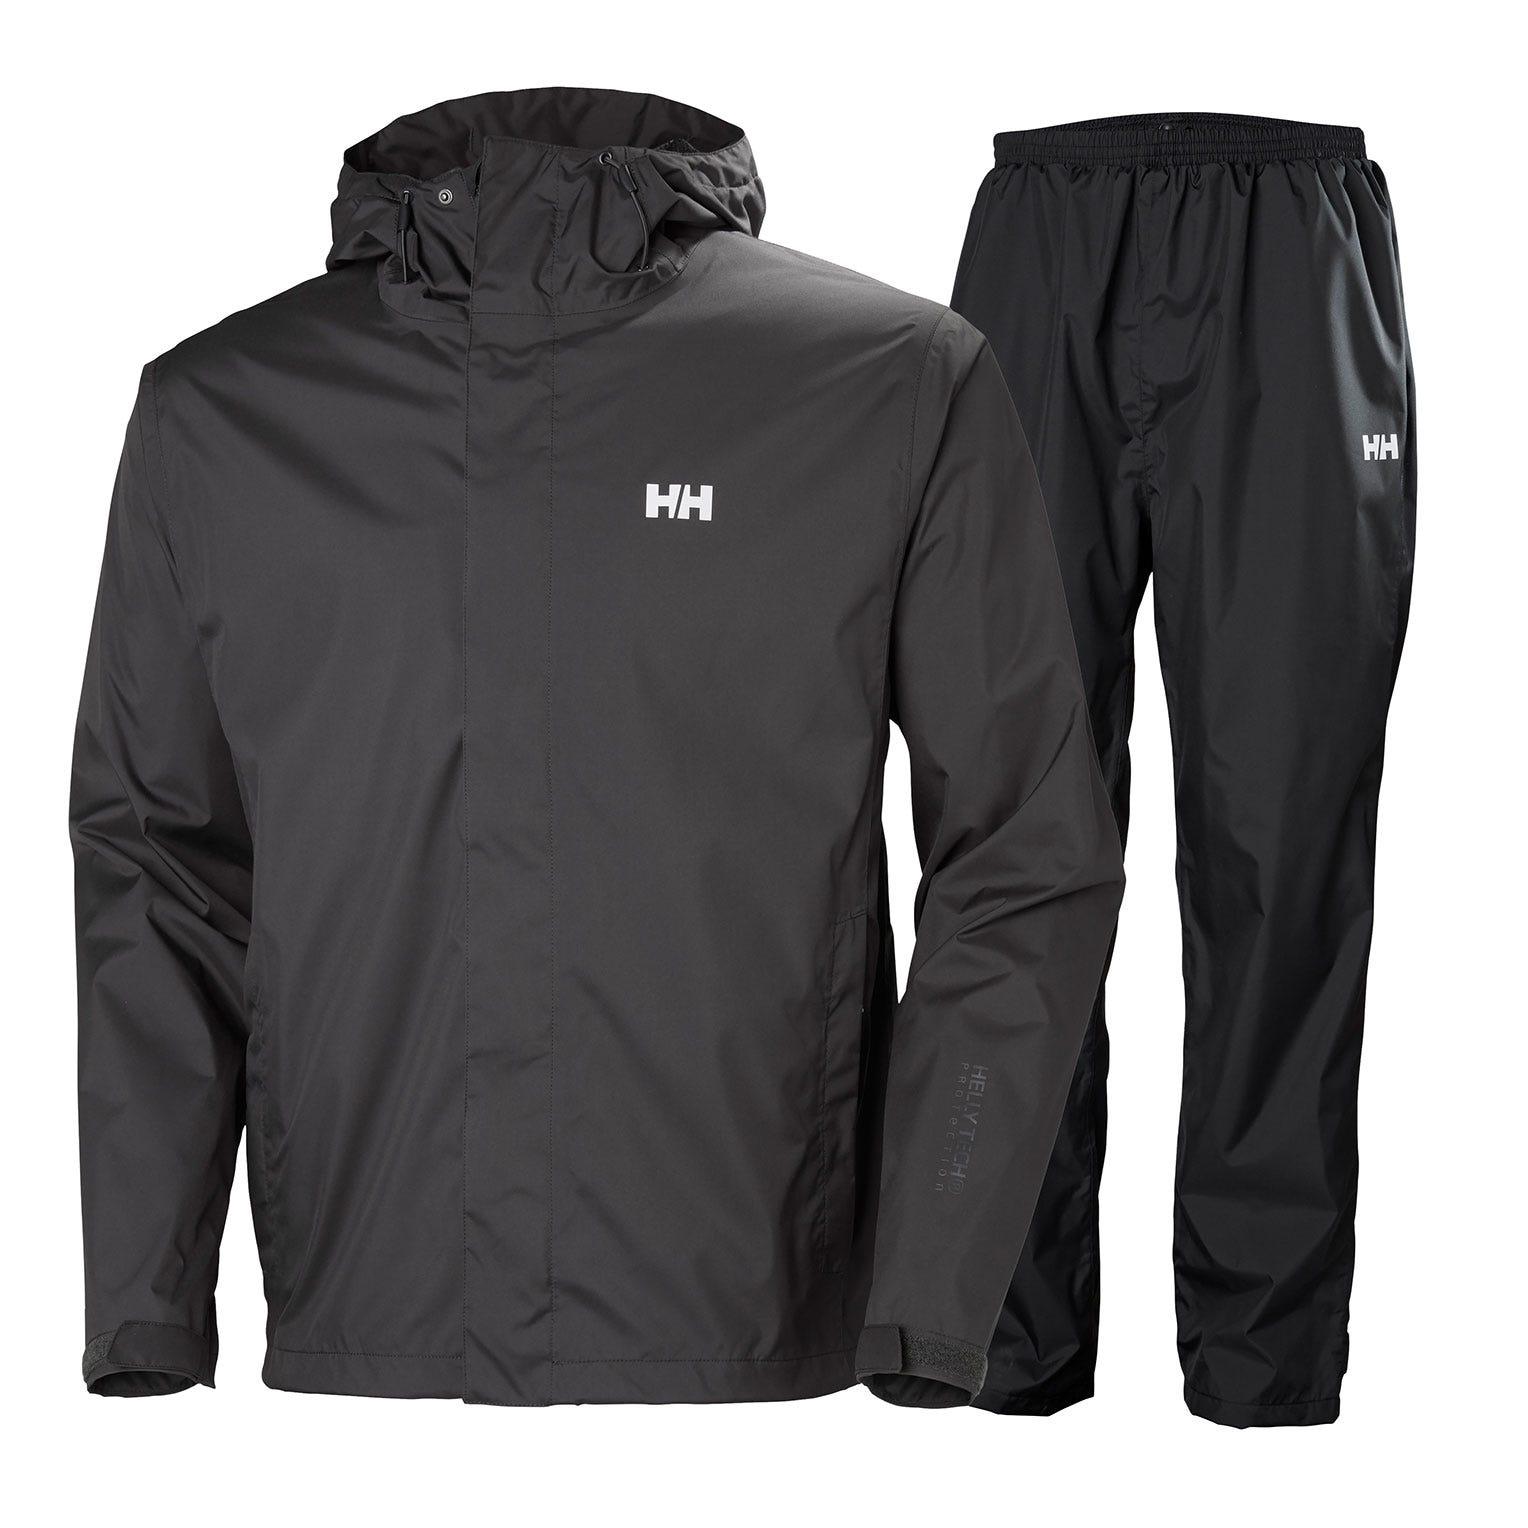 Helly Hansen Portland Rain Set Mens Jacket Black L